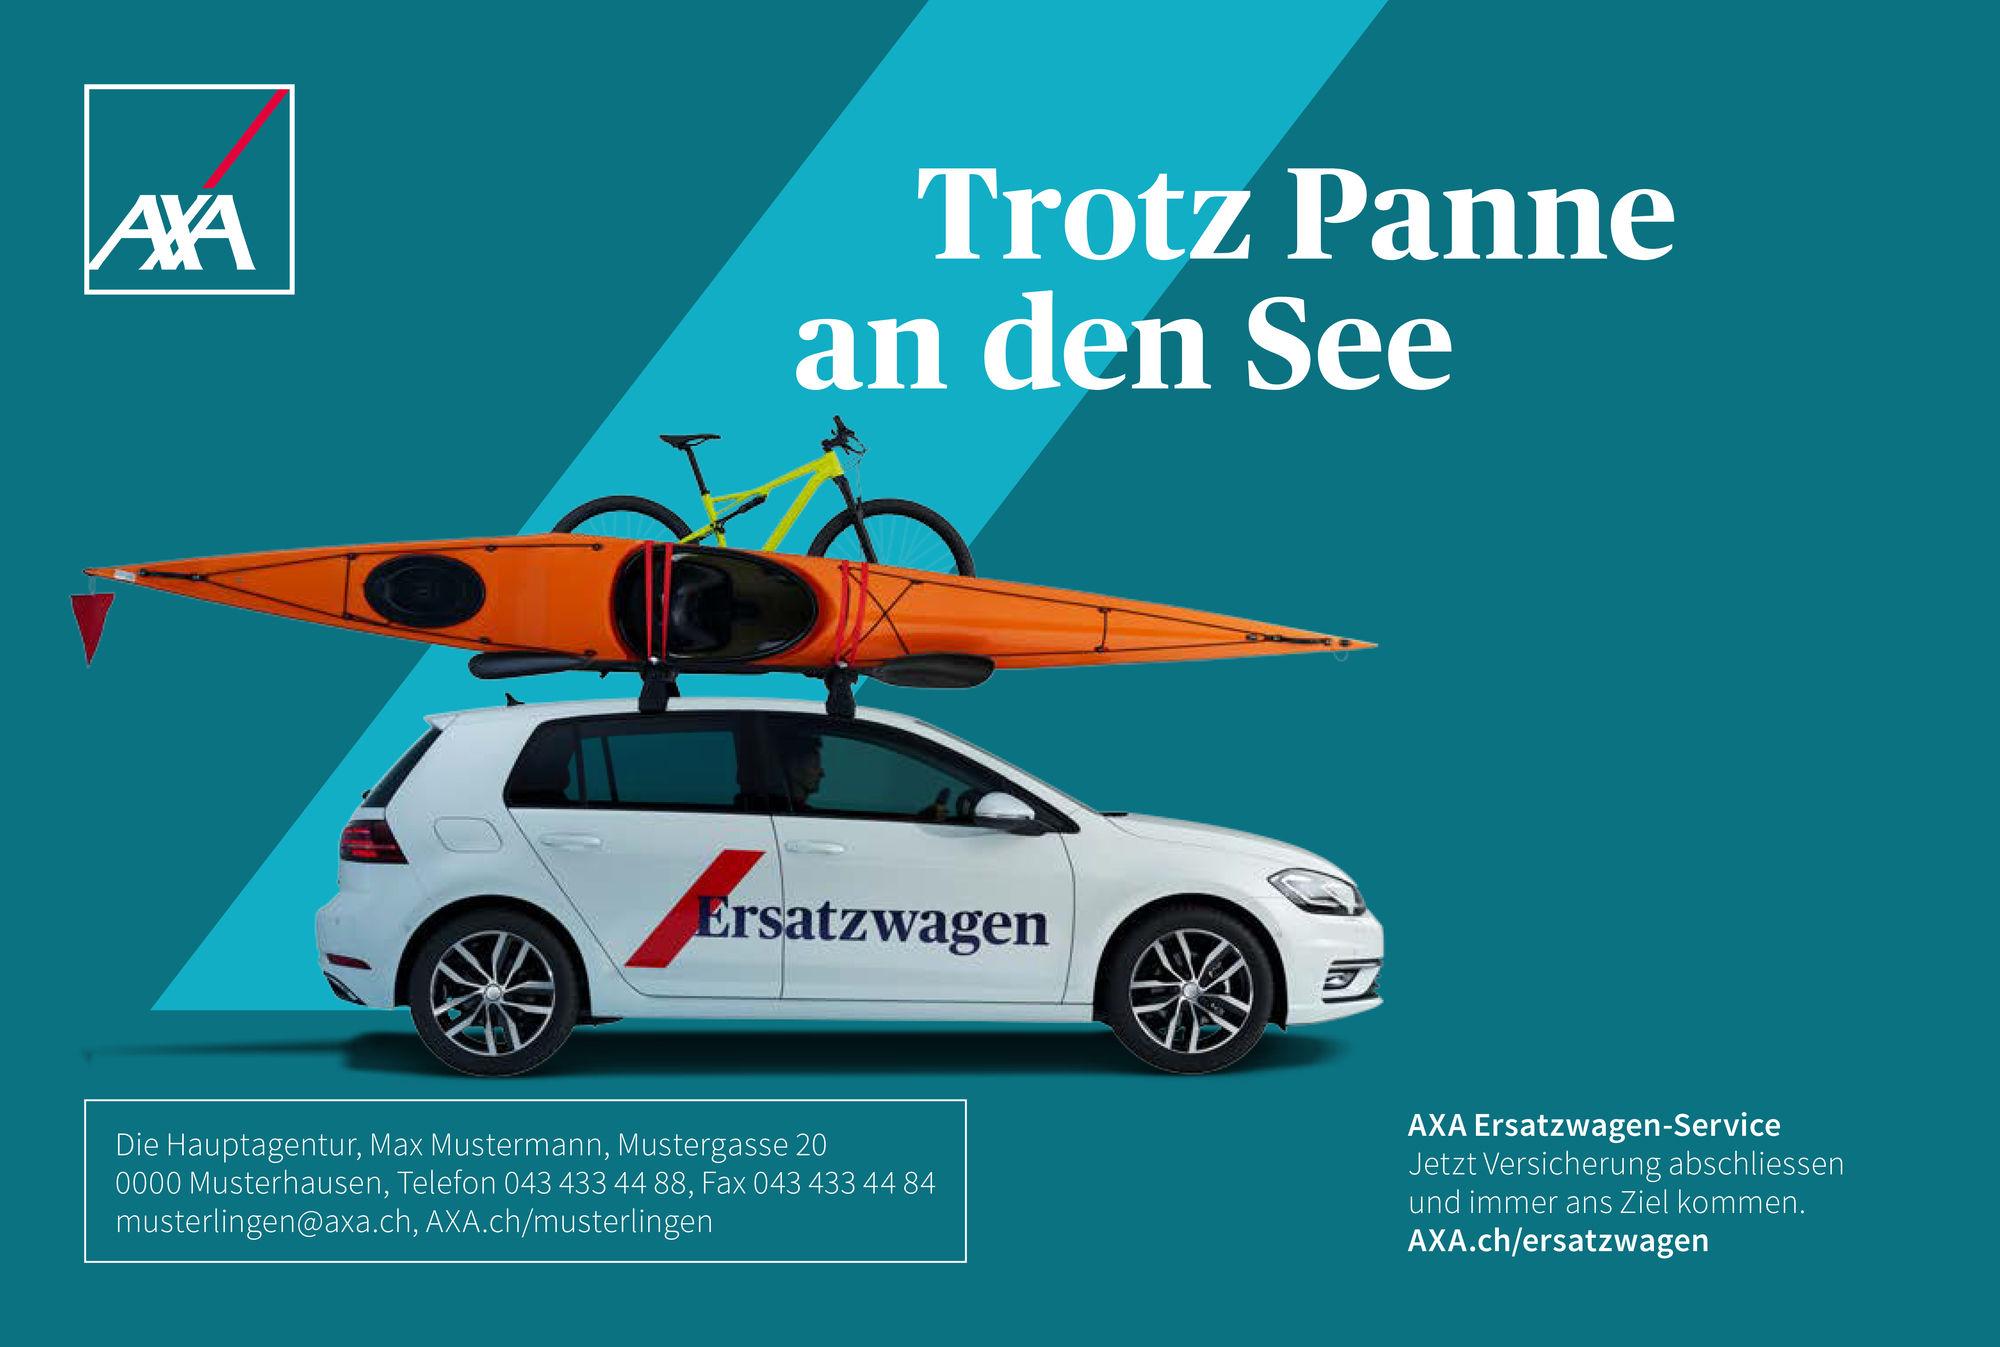 SEVERIN WENDELER: Sebastien Staub c/o Severin Wendeler for AXA